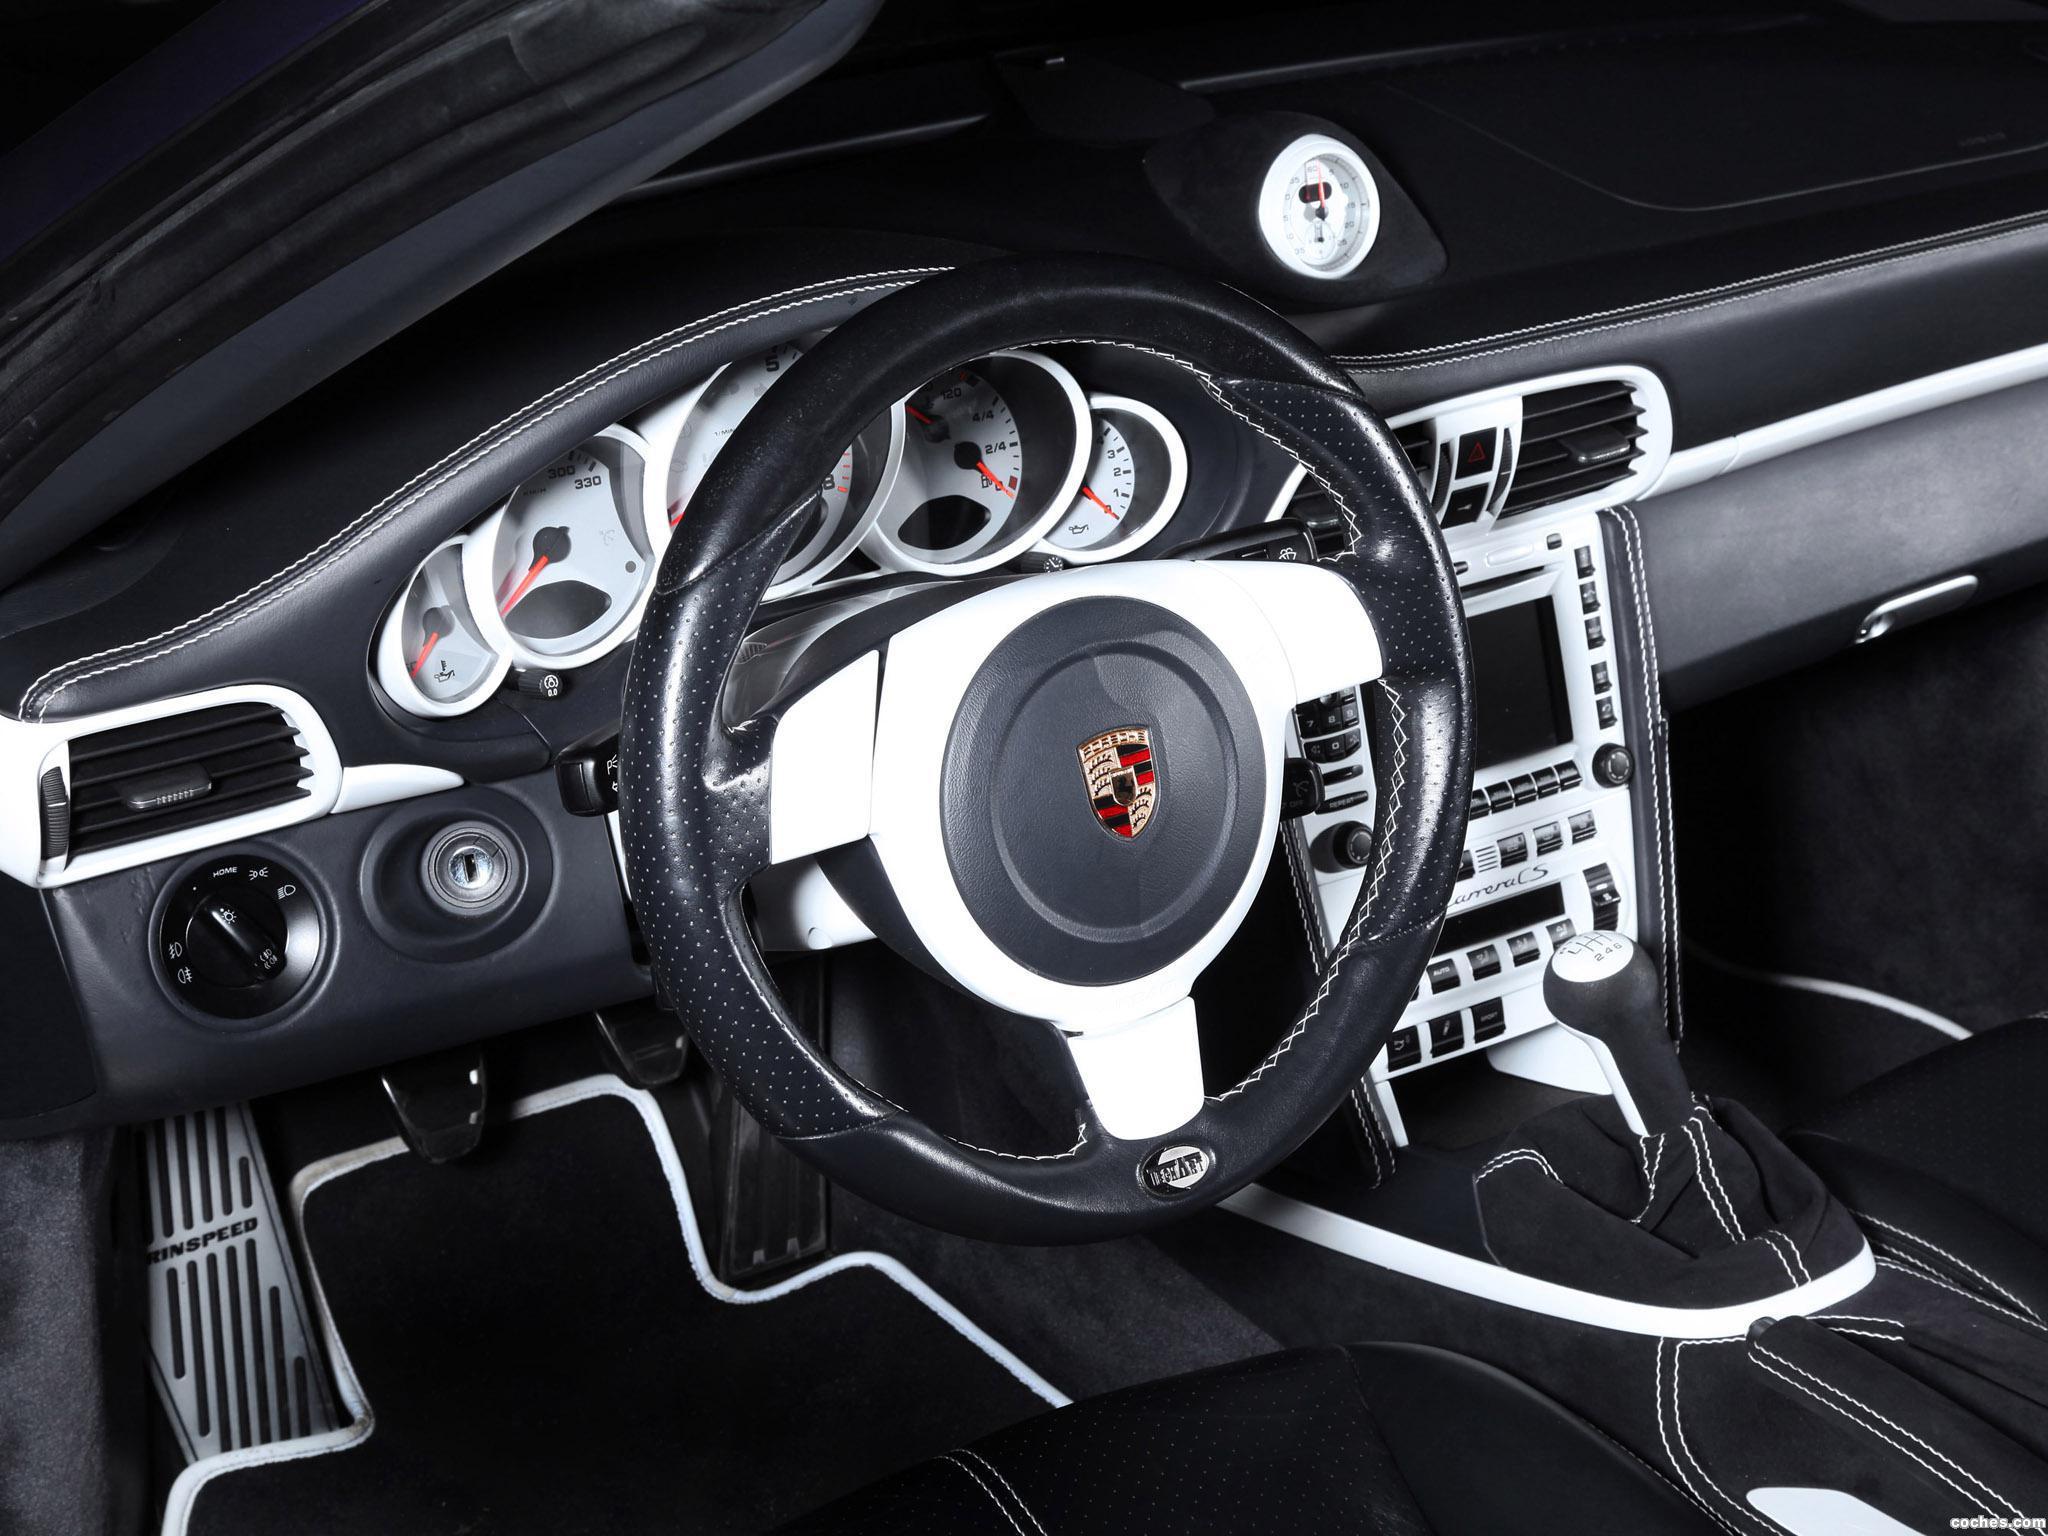 Foto 11 de Porsche Cam Shaft 911 Carrera S Cabriolet 997 2014